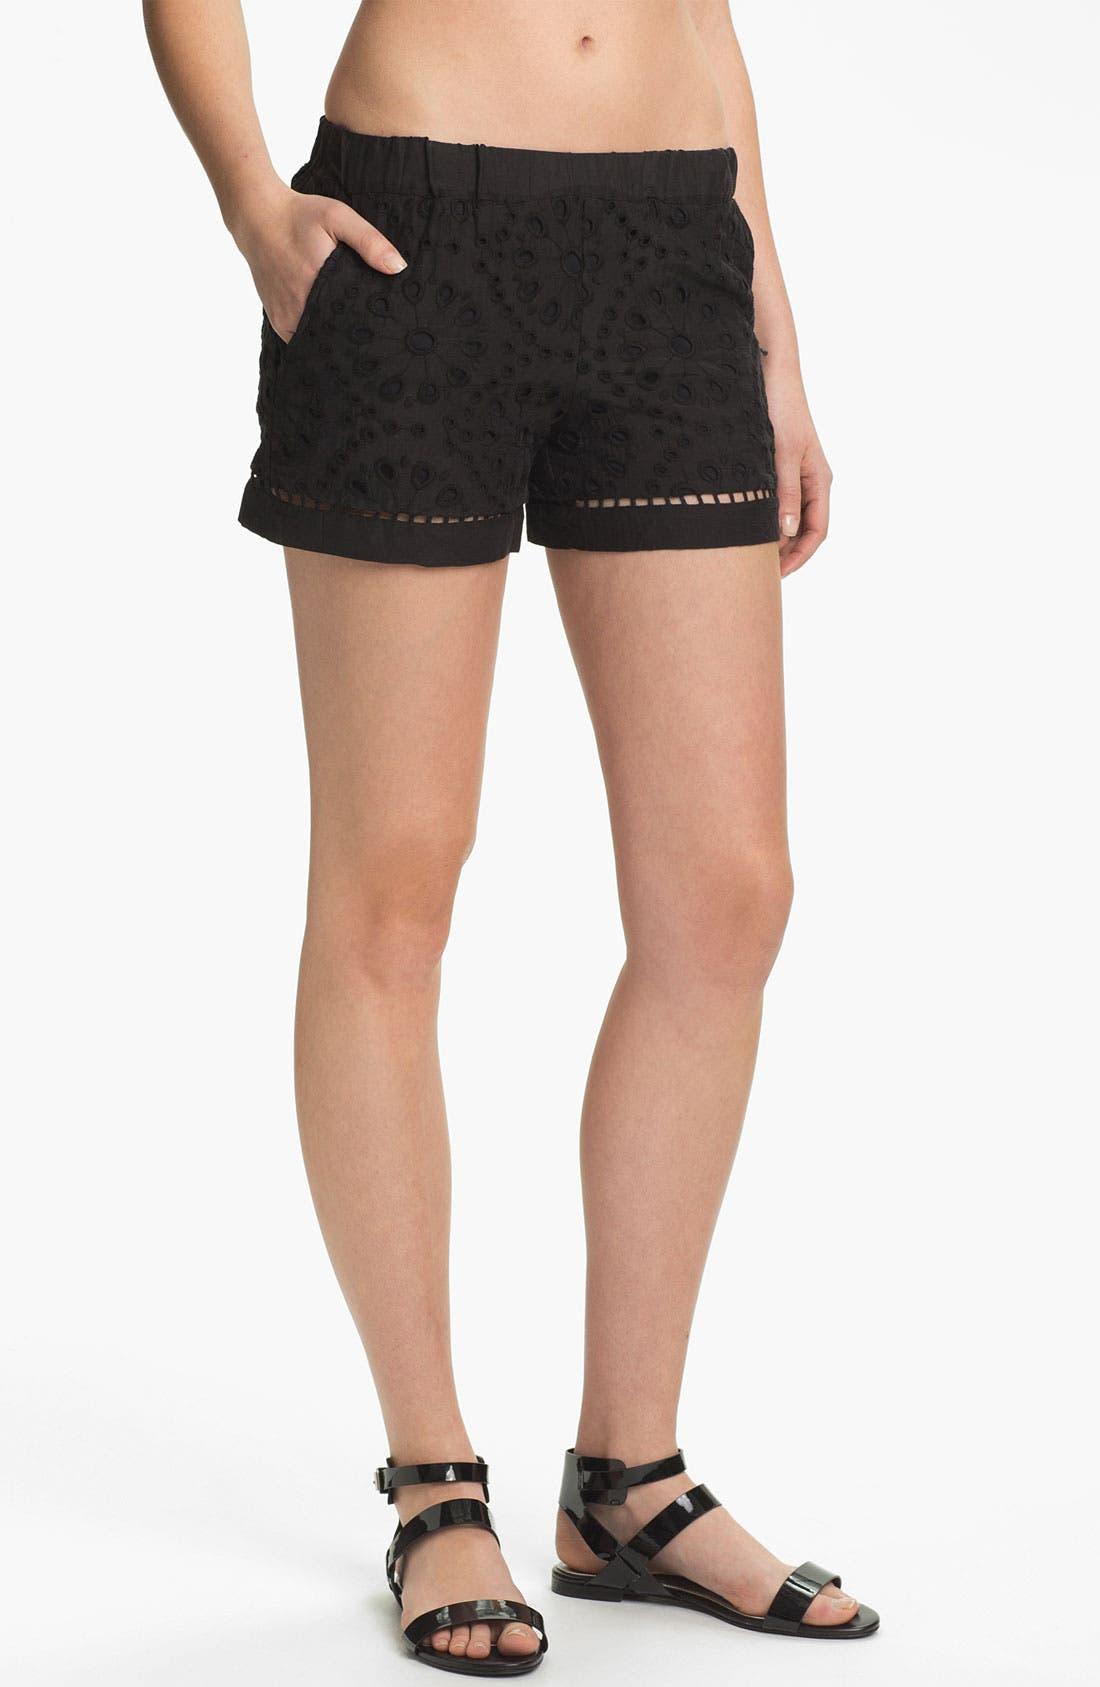 Alternate Image 1 Selected - Ella Moss 'Heidi' Eyelet Lace Shorts